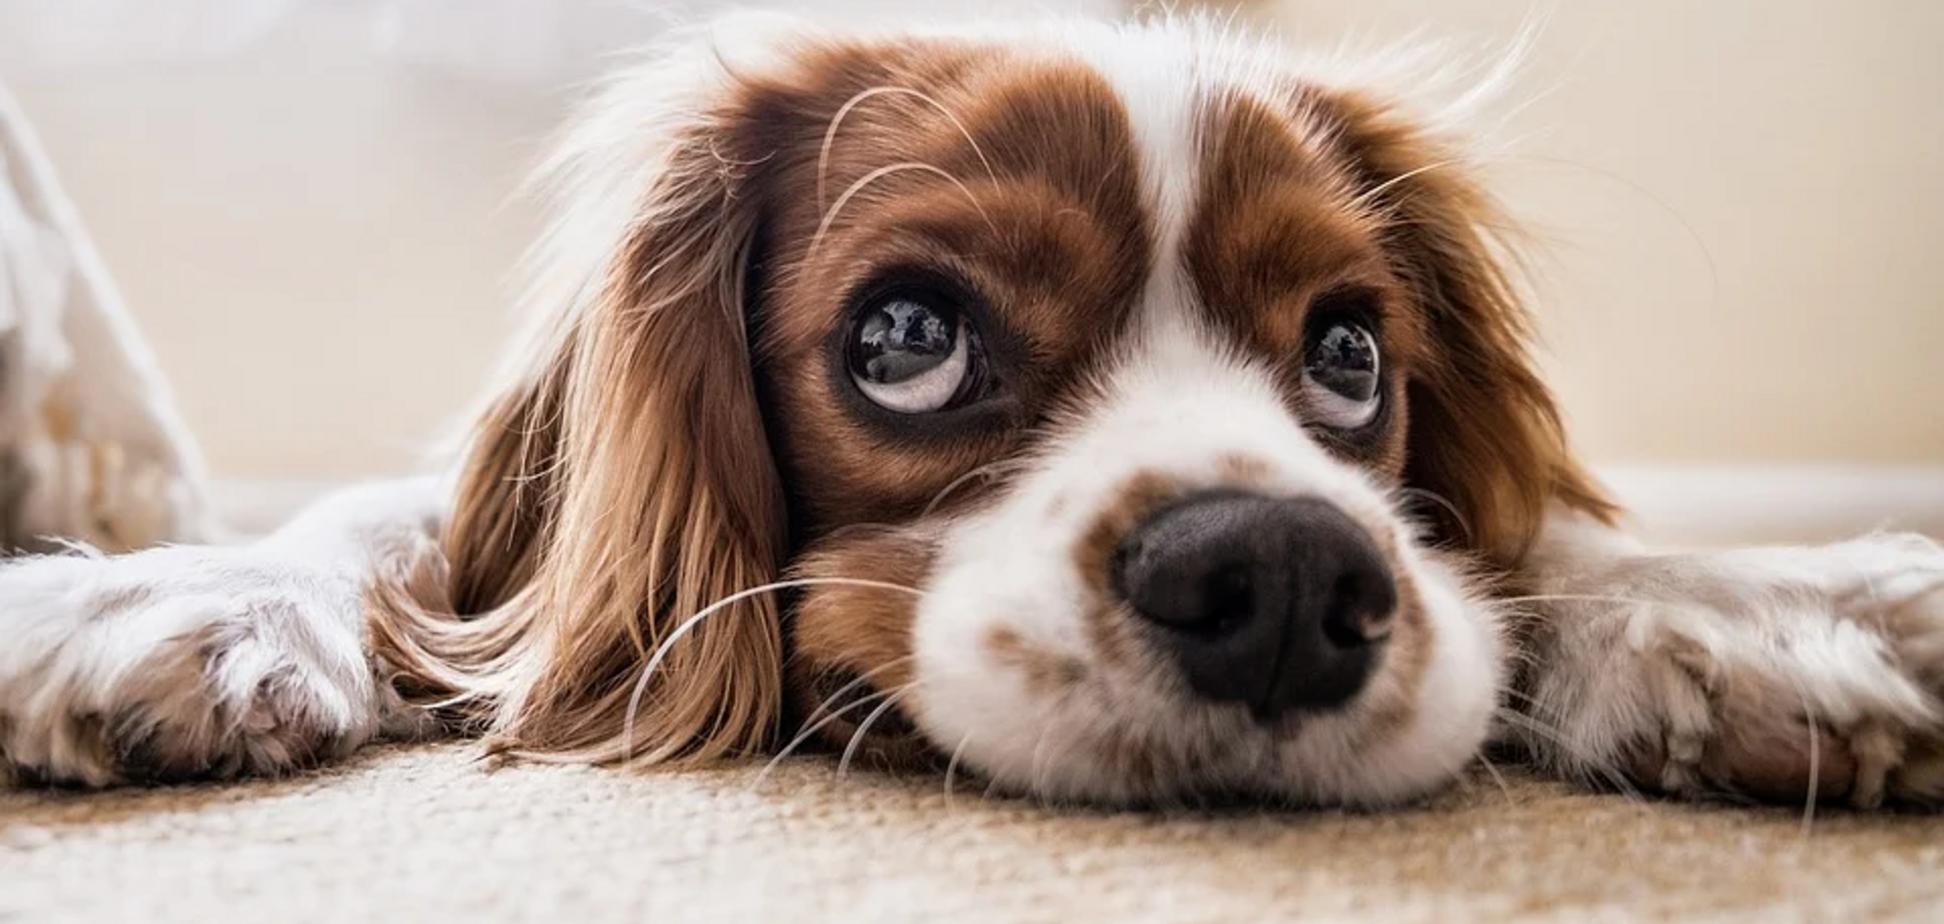 Глаза собак изменились после приручения человеком